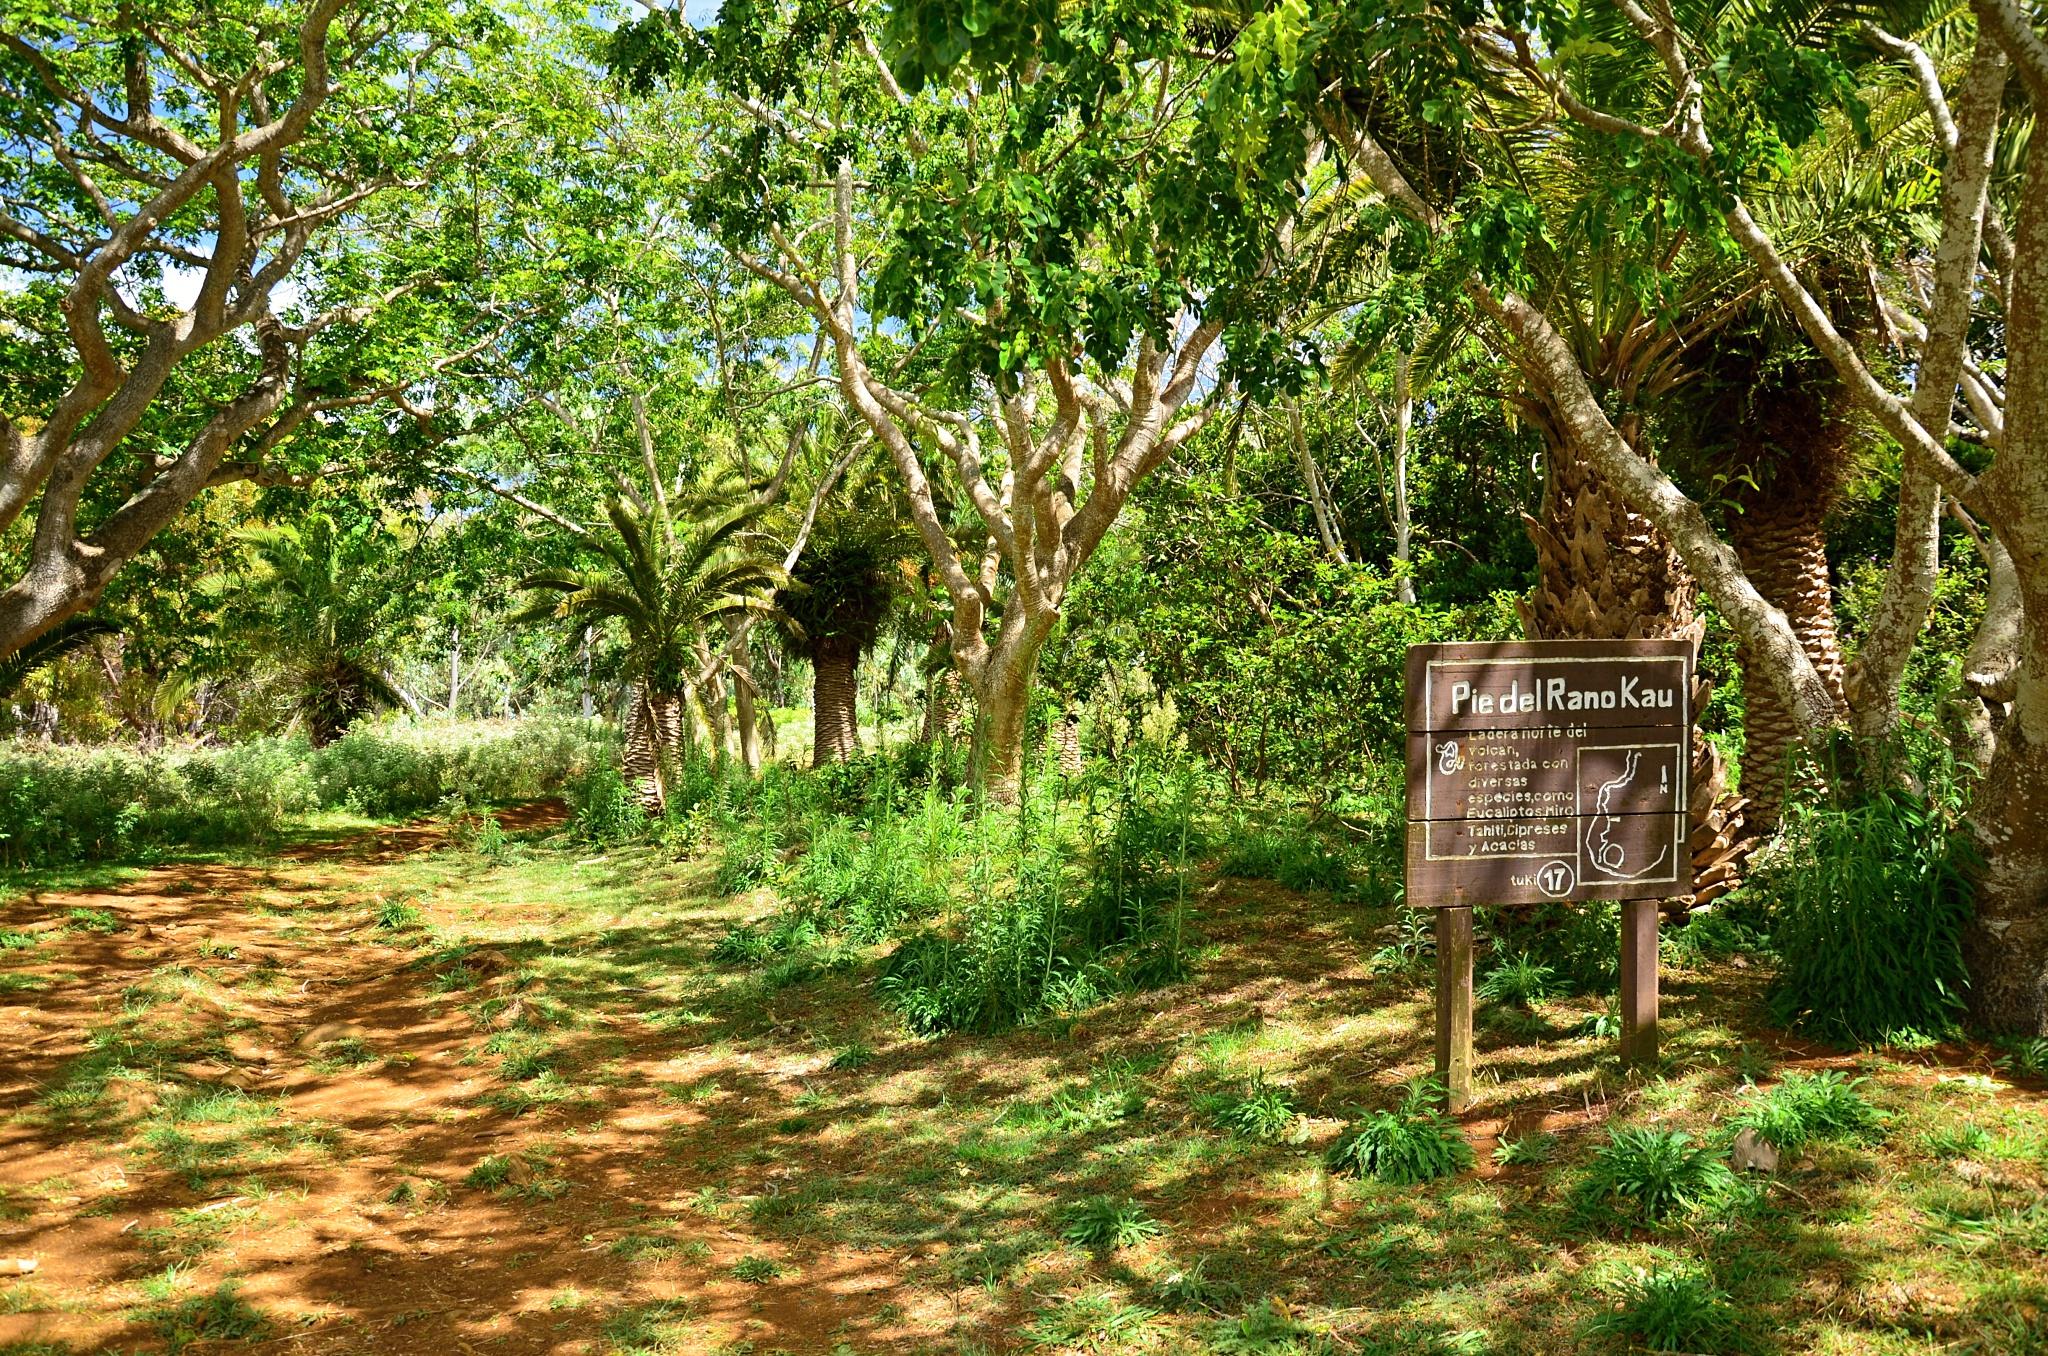 Nádherný lesík složený ze blahovičníků, cypřišů a akácií